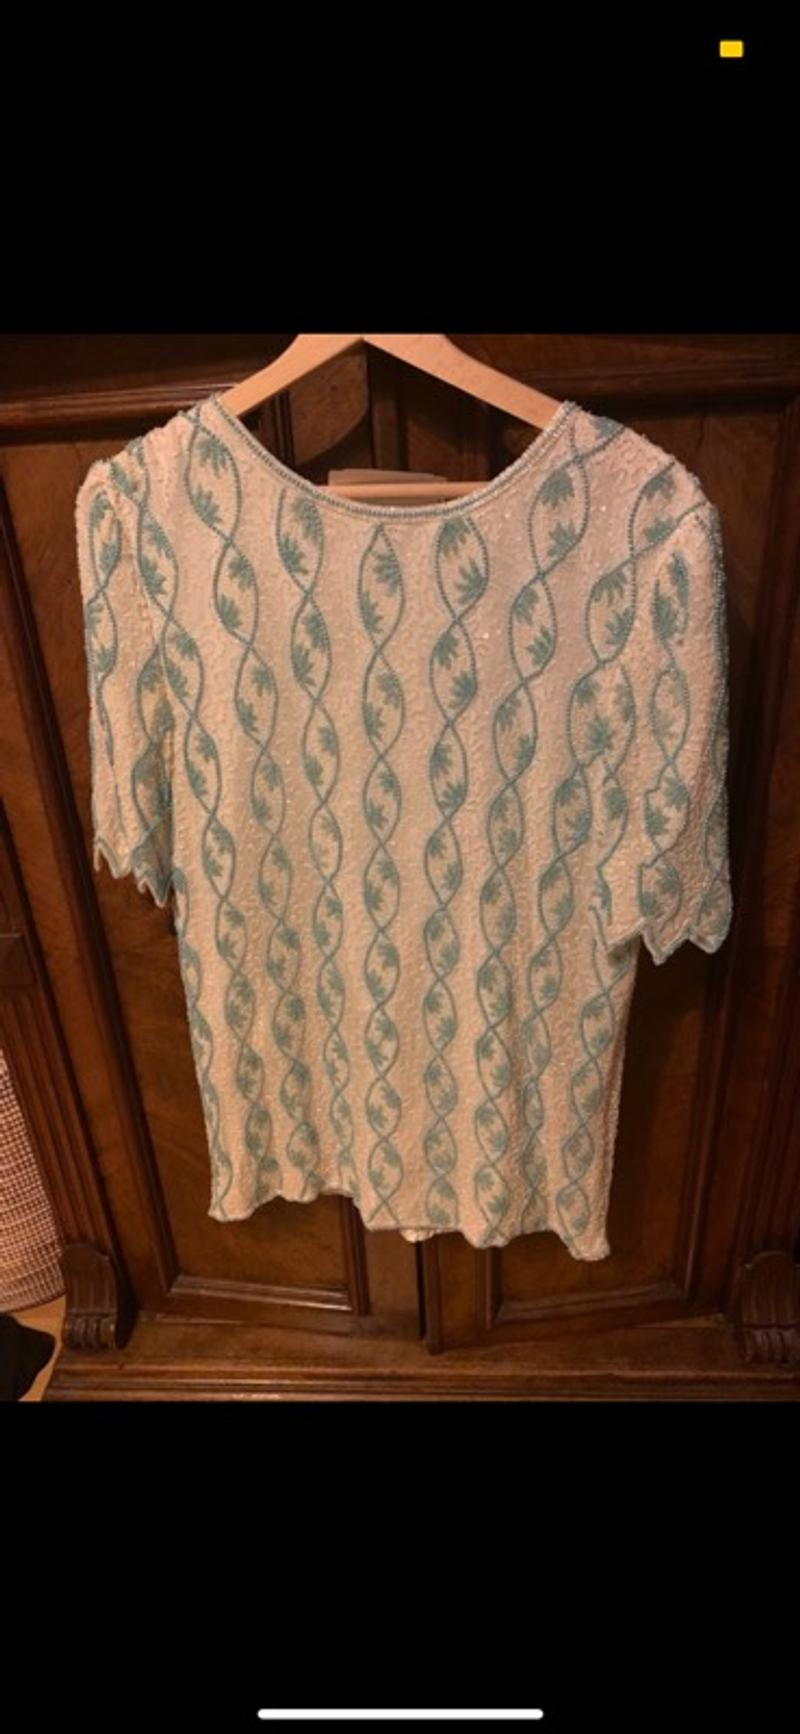 Laura dols vintage blouse